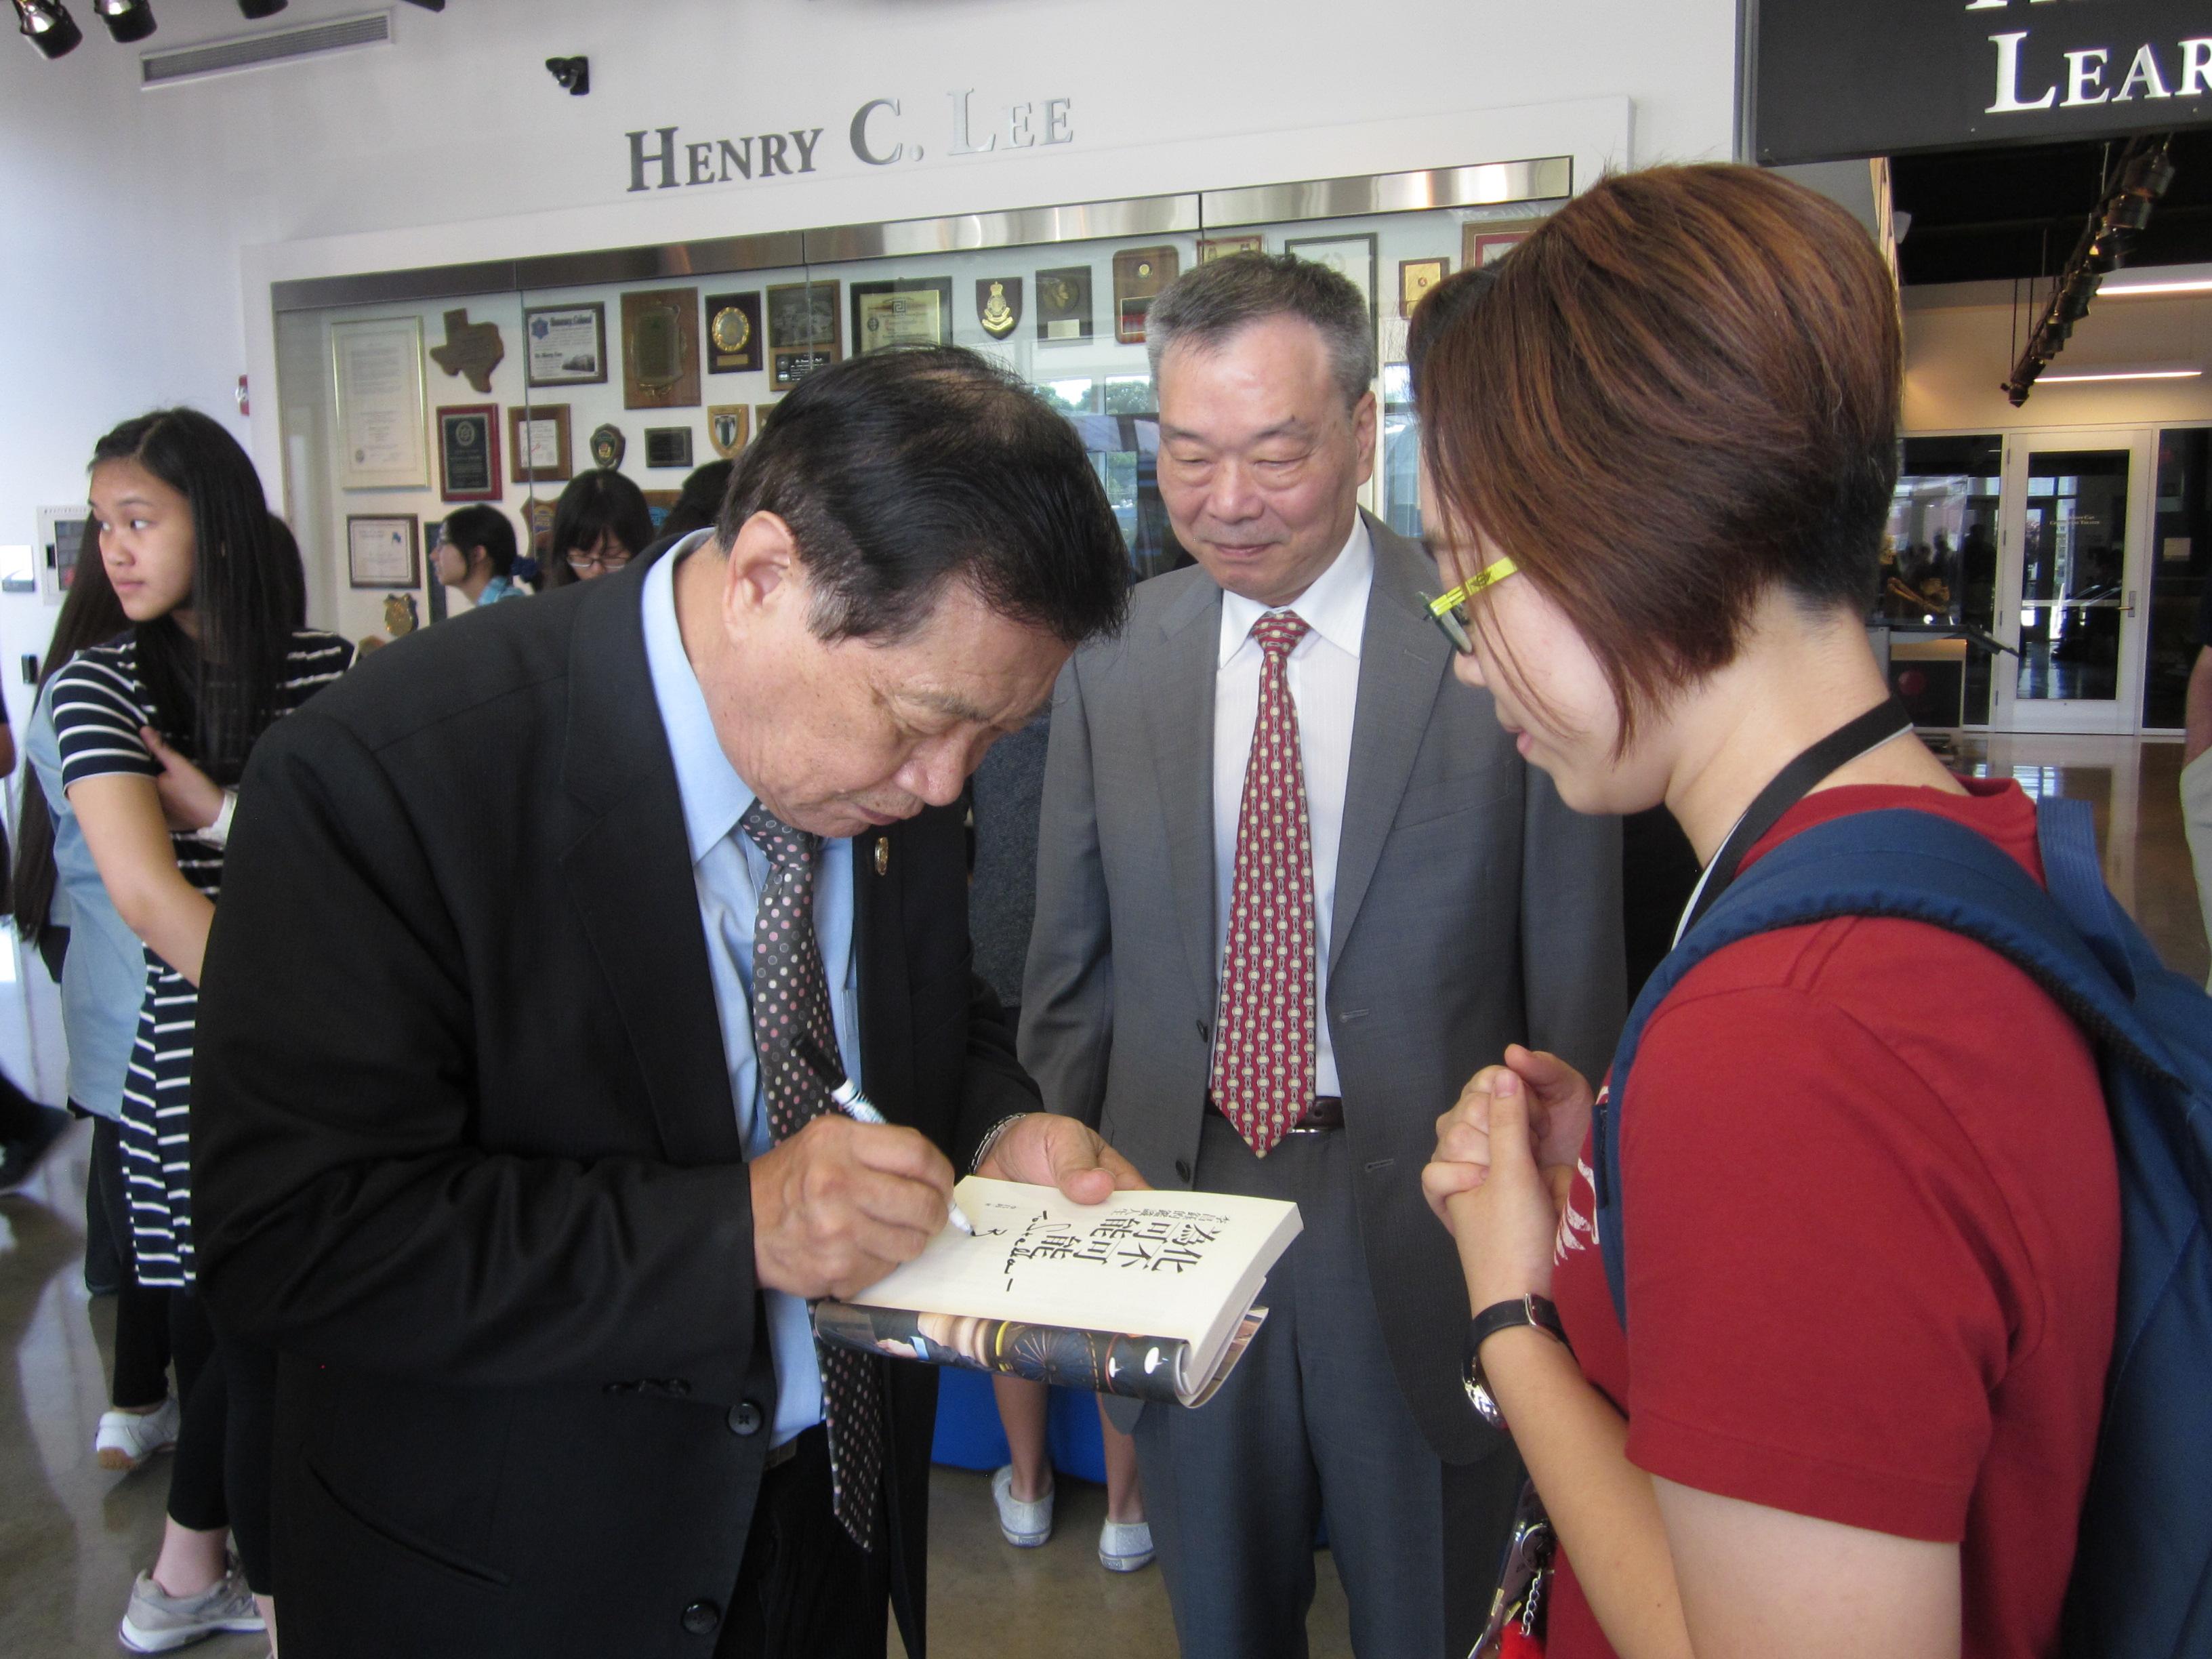 李昌鈺博士親筆簽名